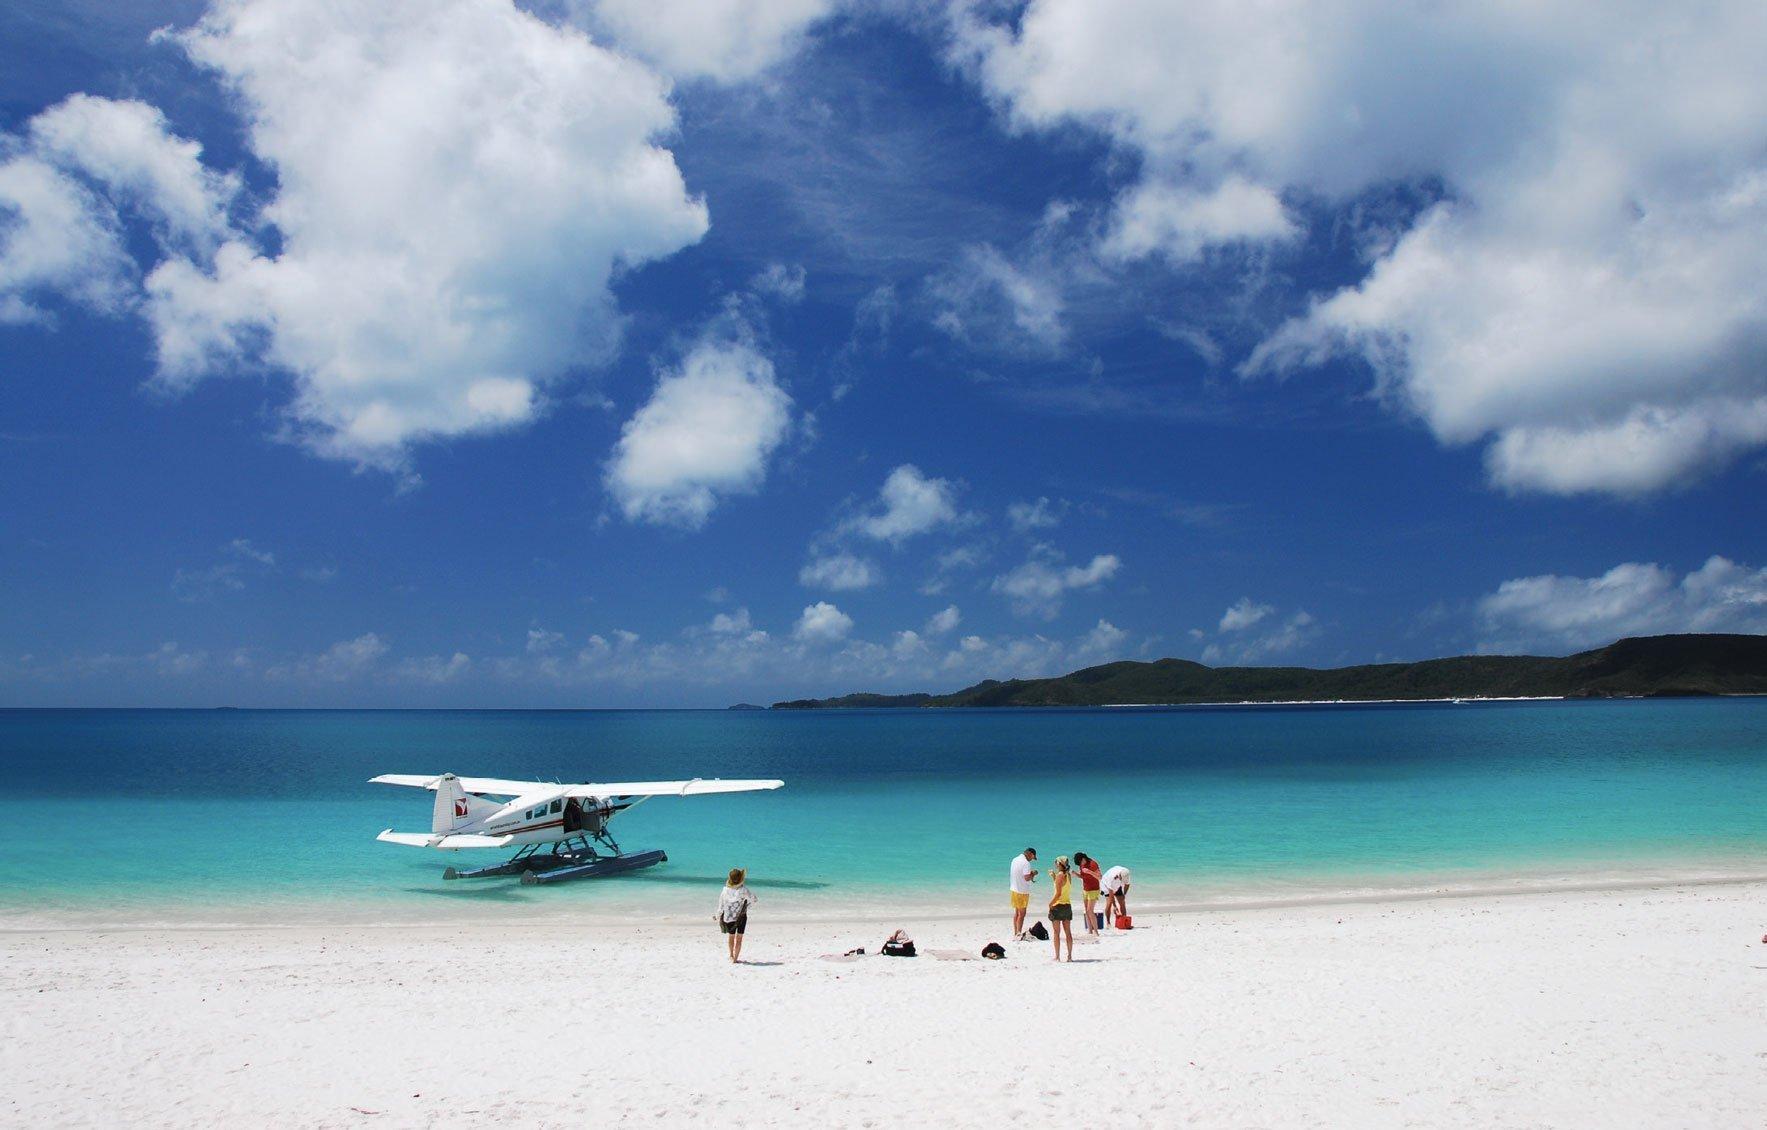 Seaplane picnic